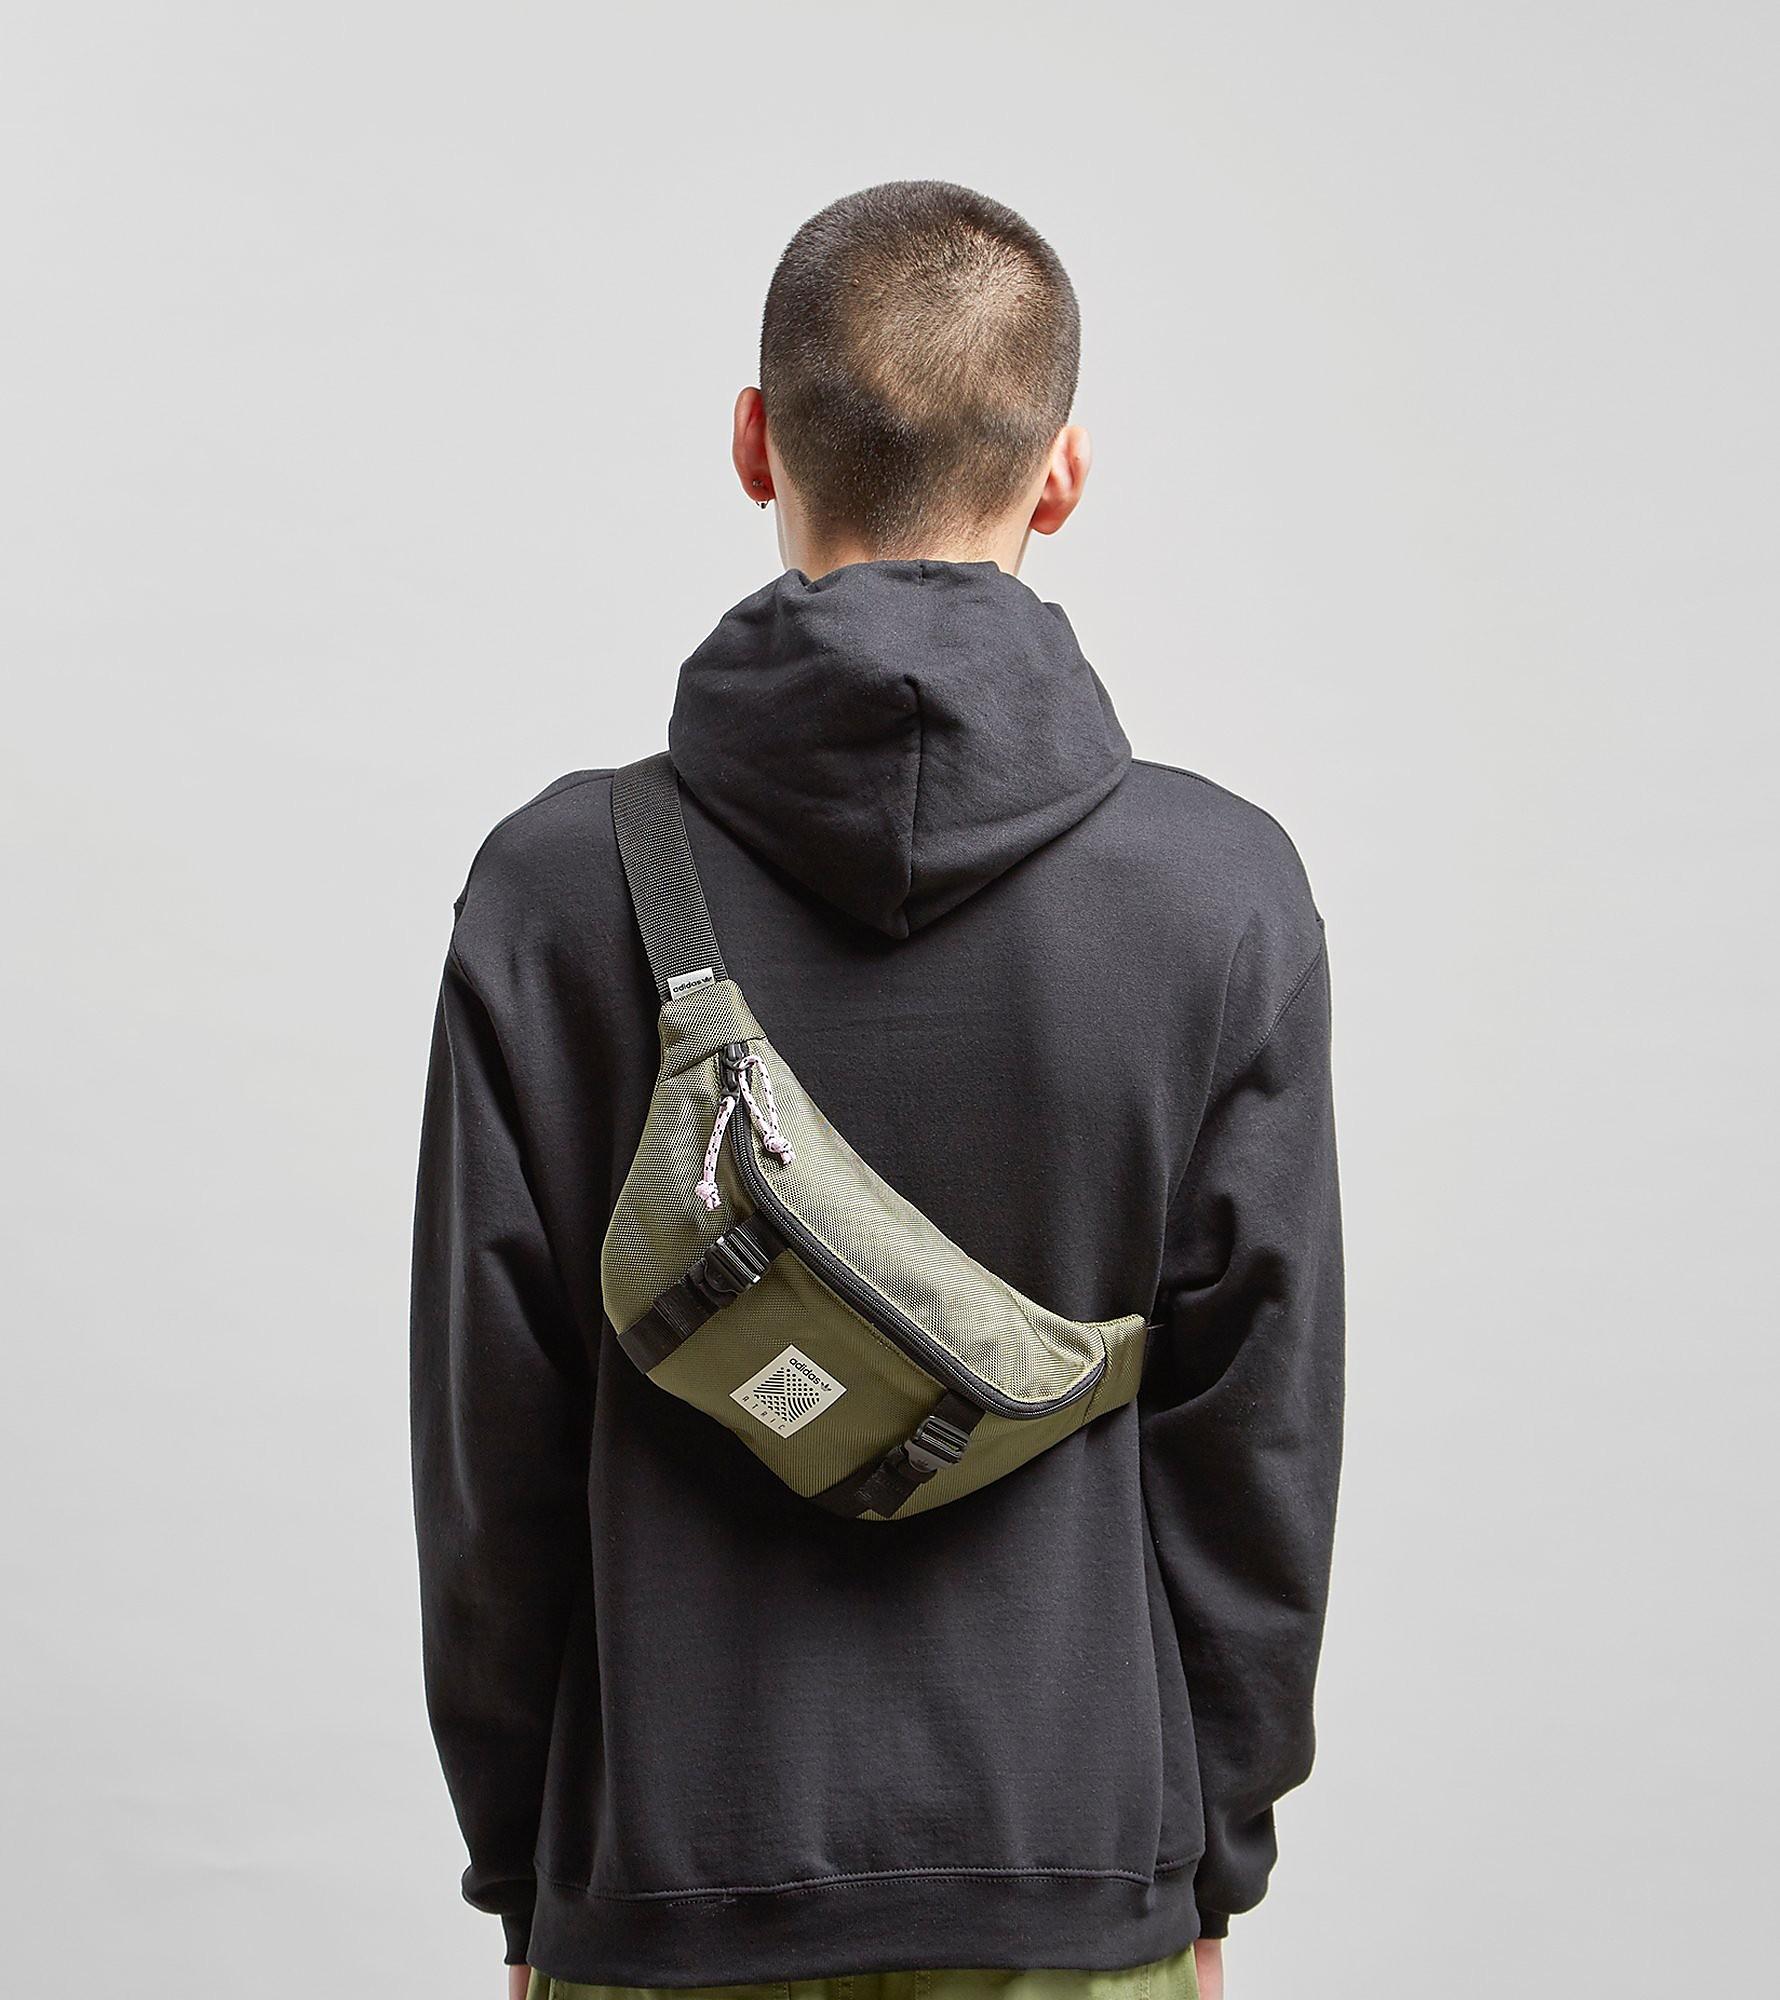 adidas Originals Atric Waist Bag, Olive